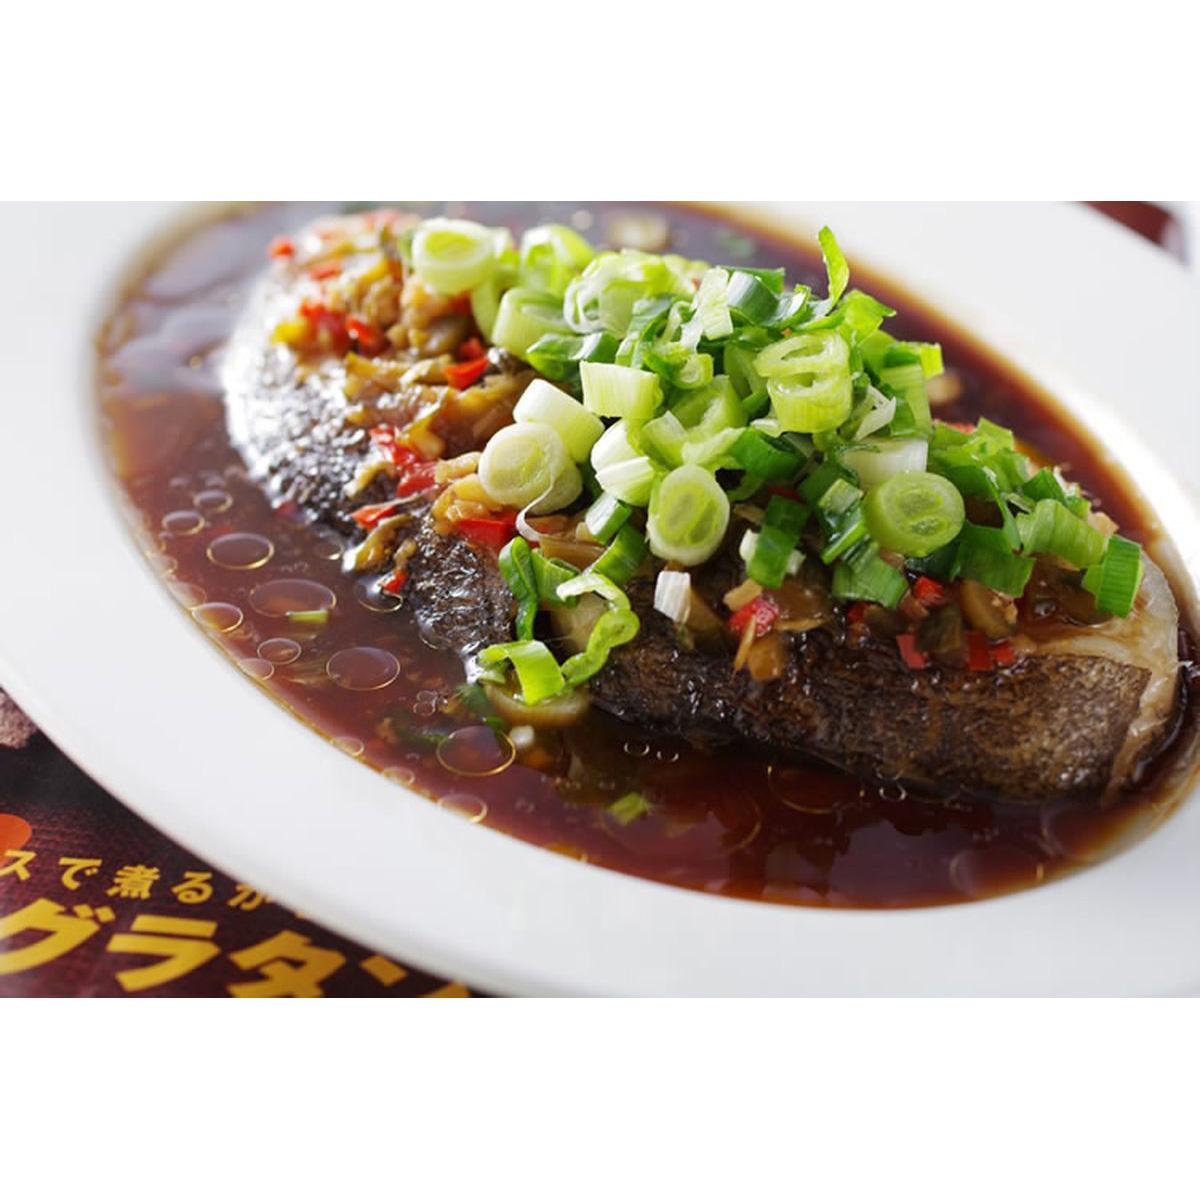 食譜:花瓜蒸鱈魚